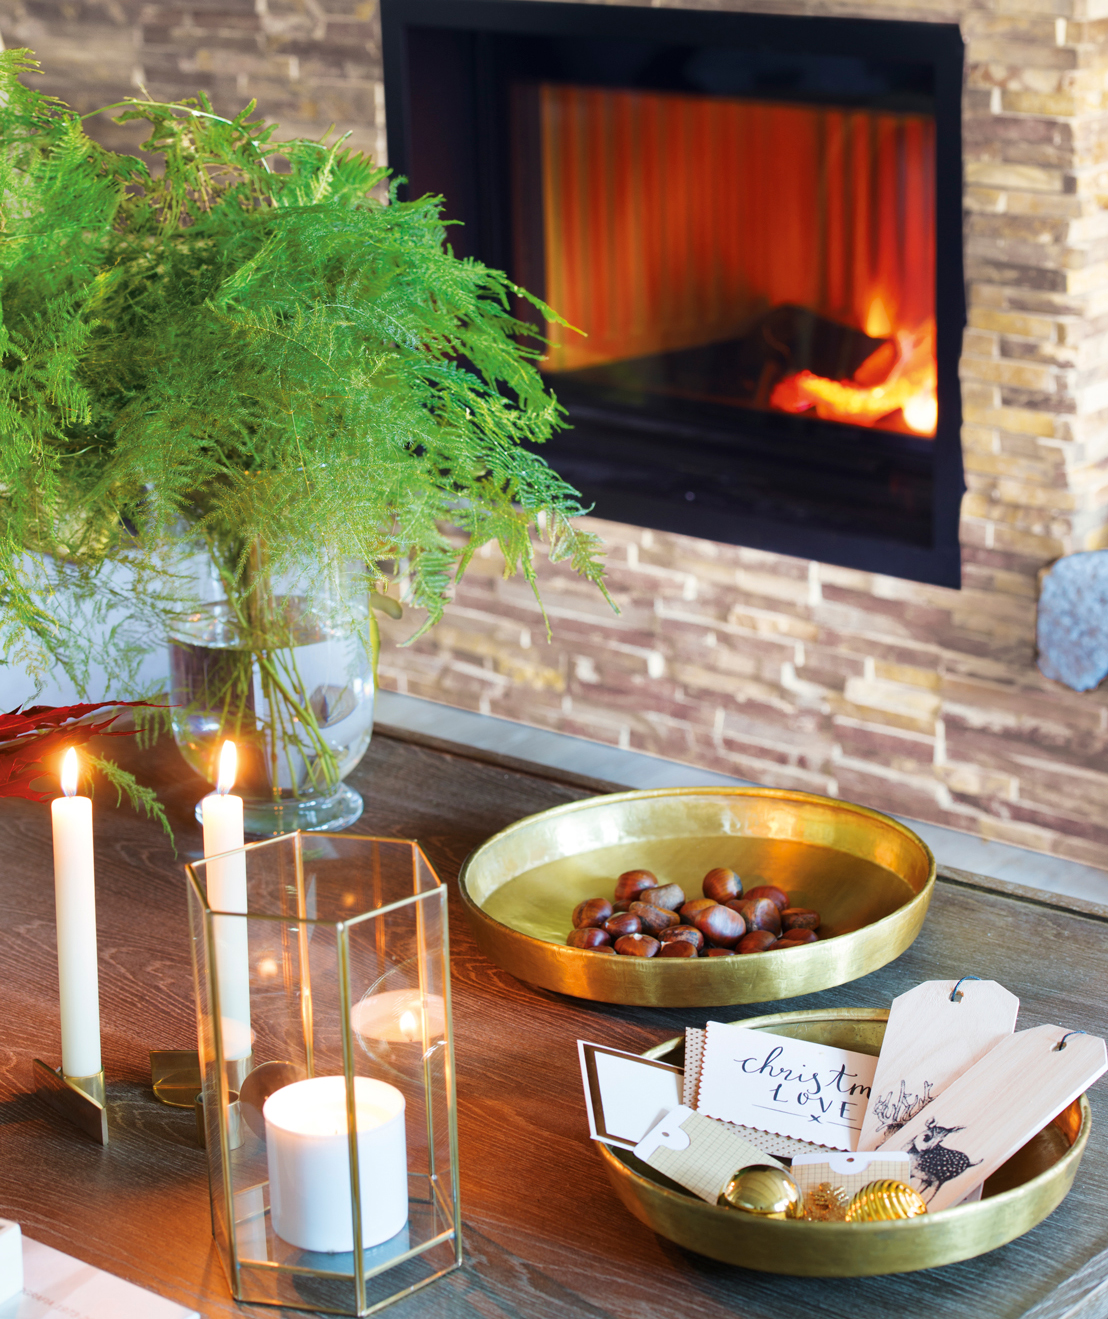 2.Mesa de centro con plantas y velas delante de chimenea-00444997